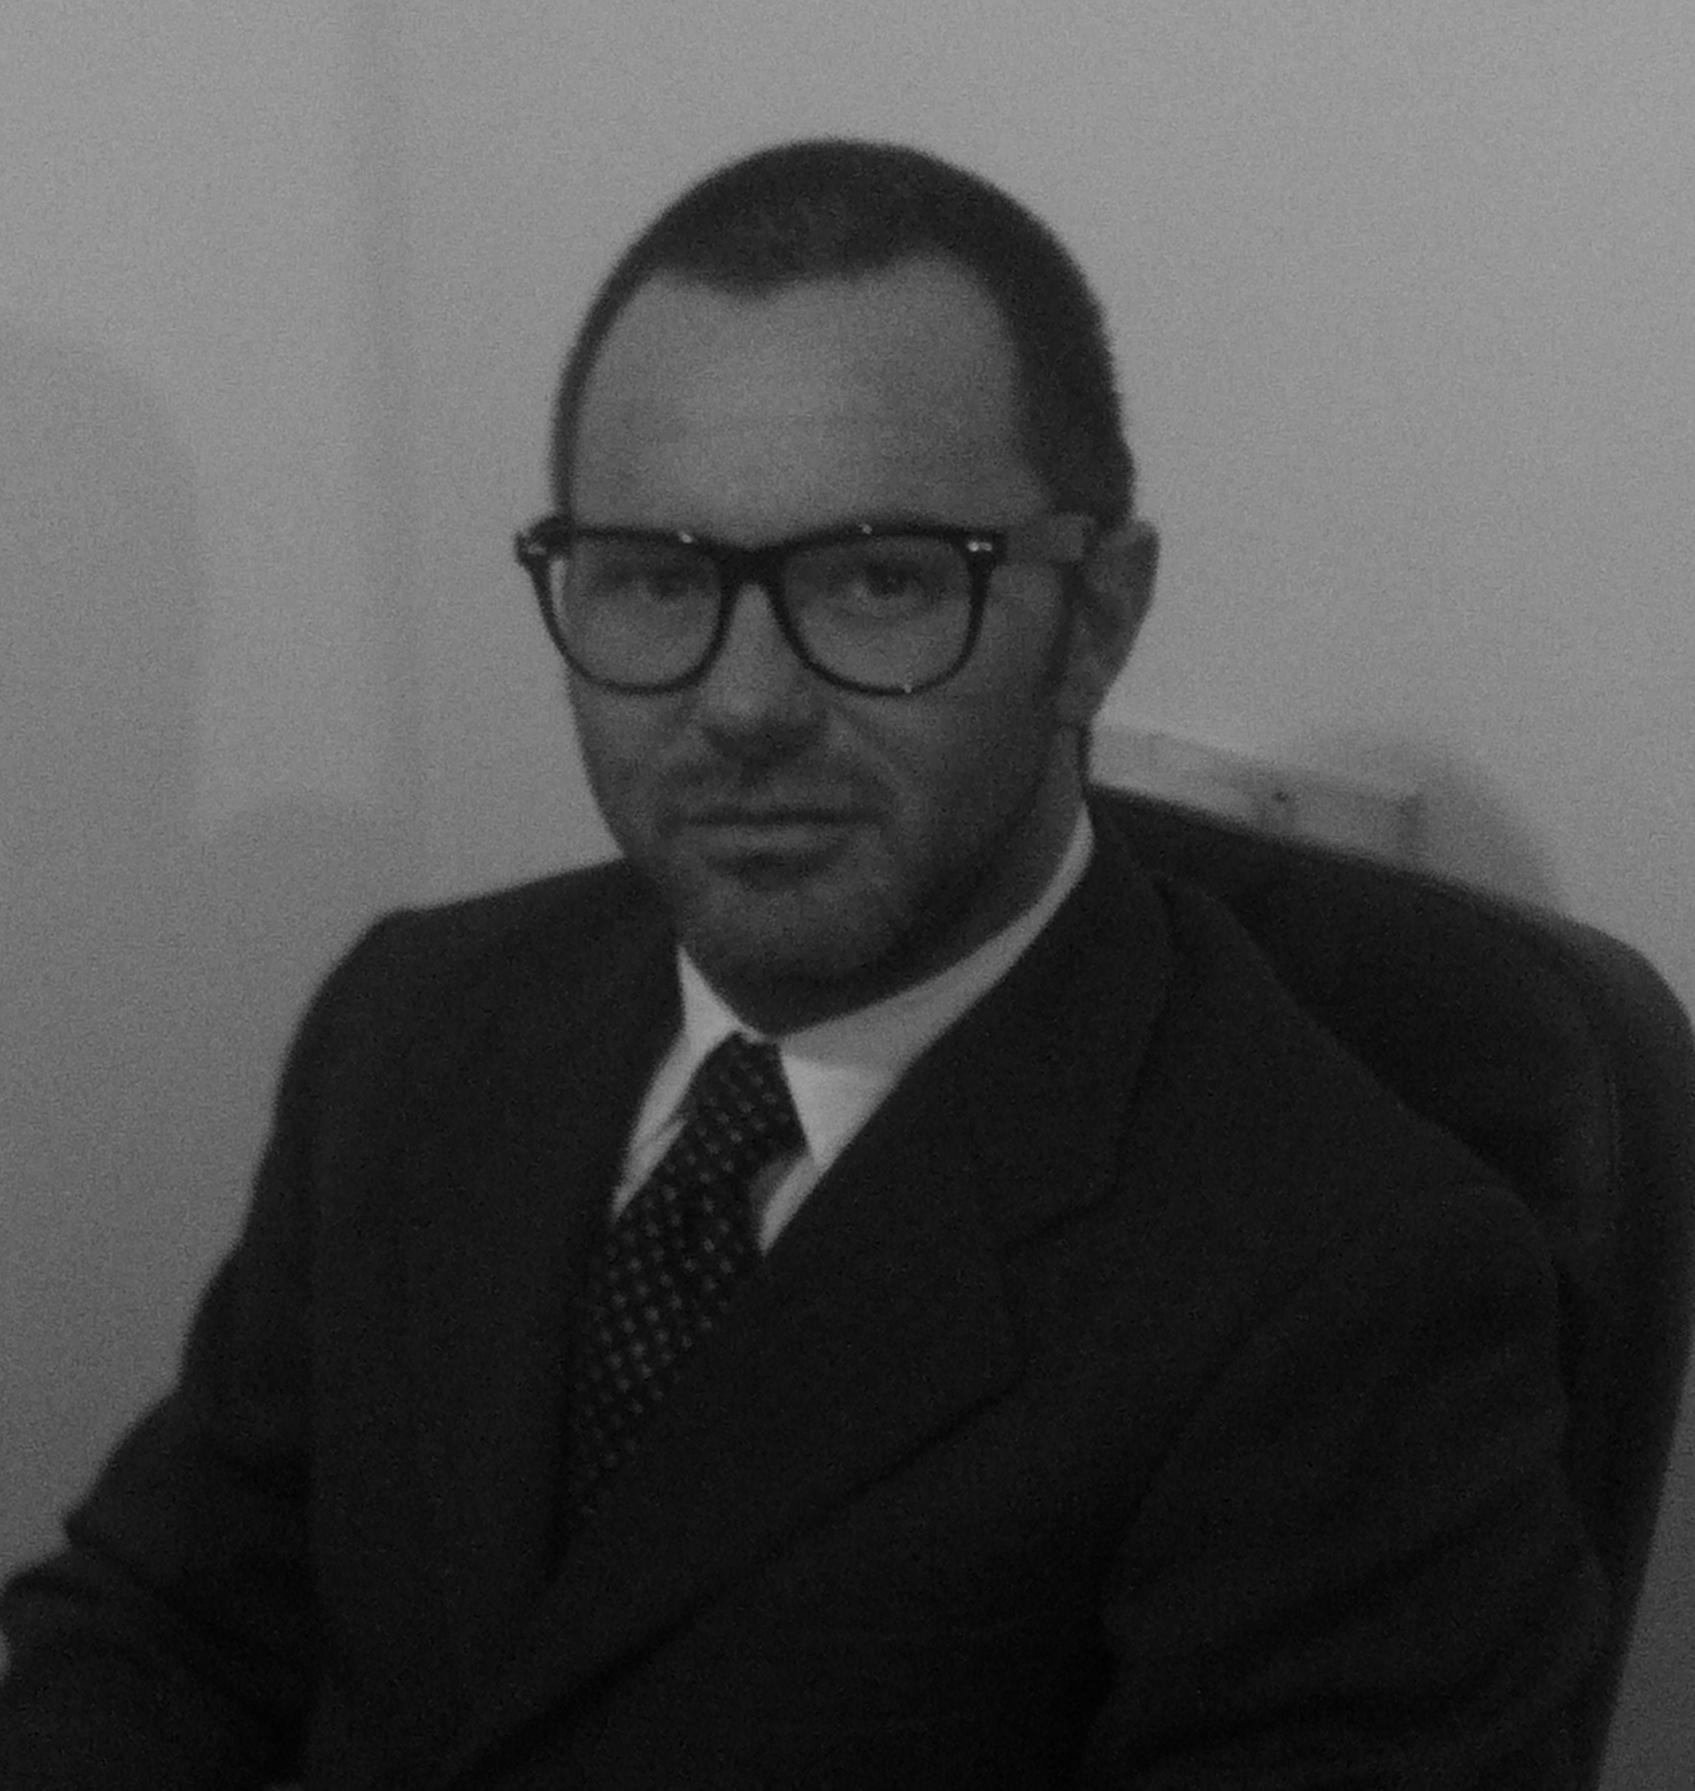 Stefano Caprani